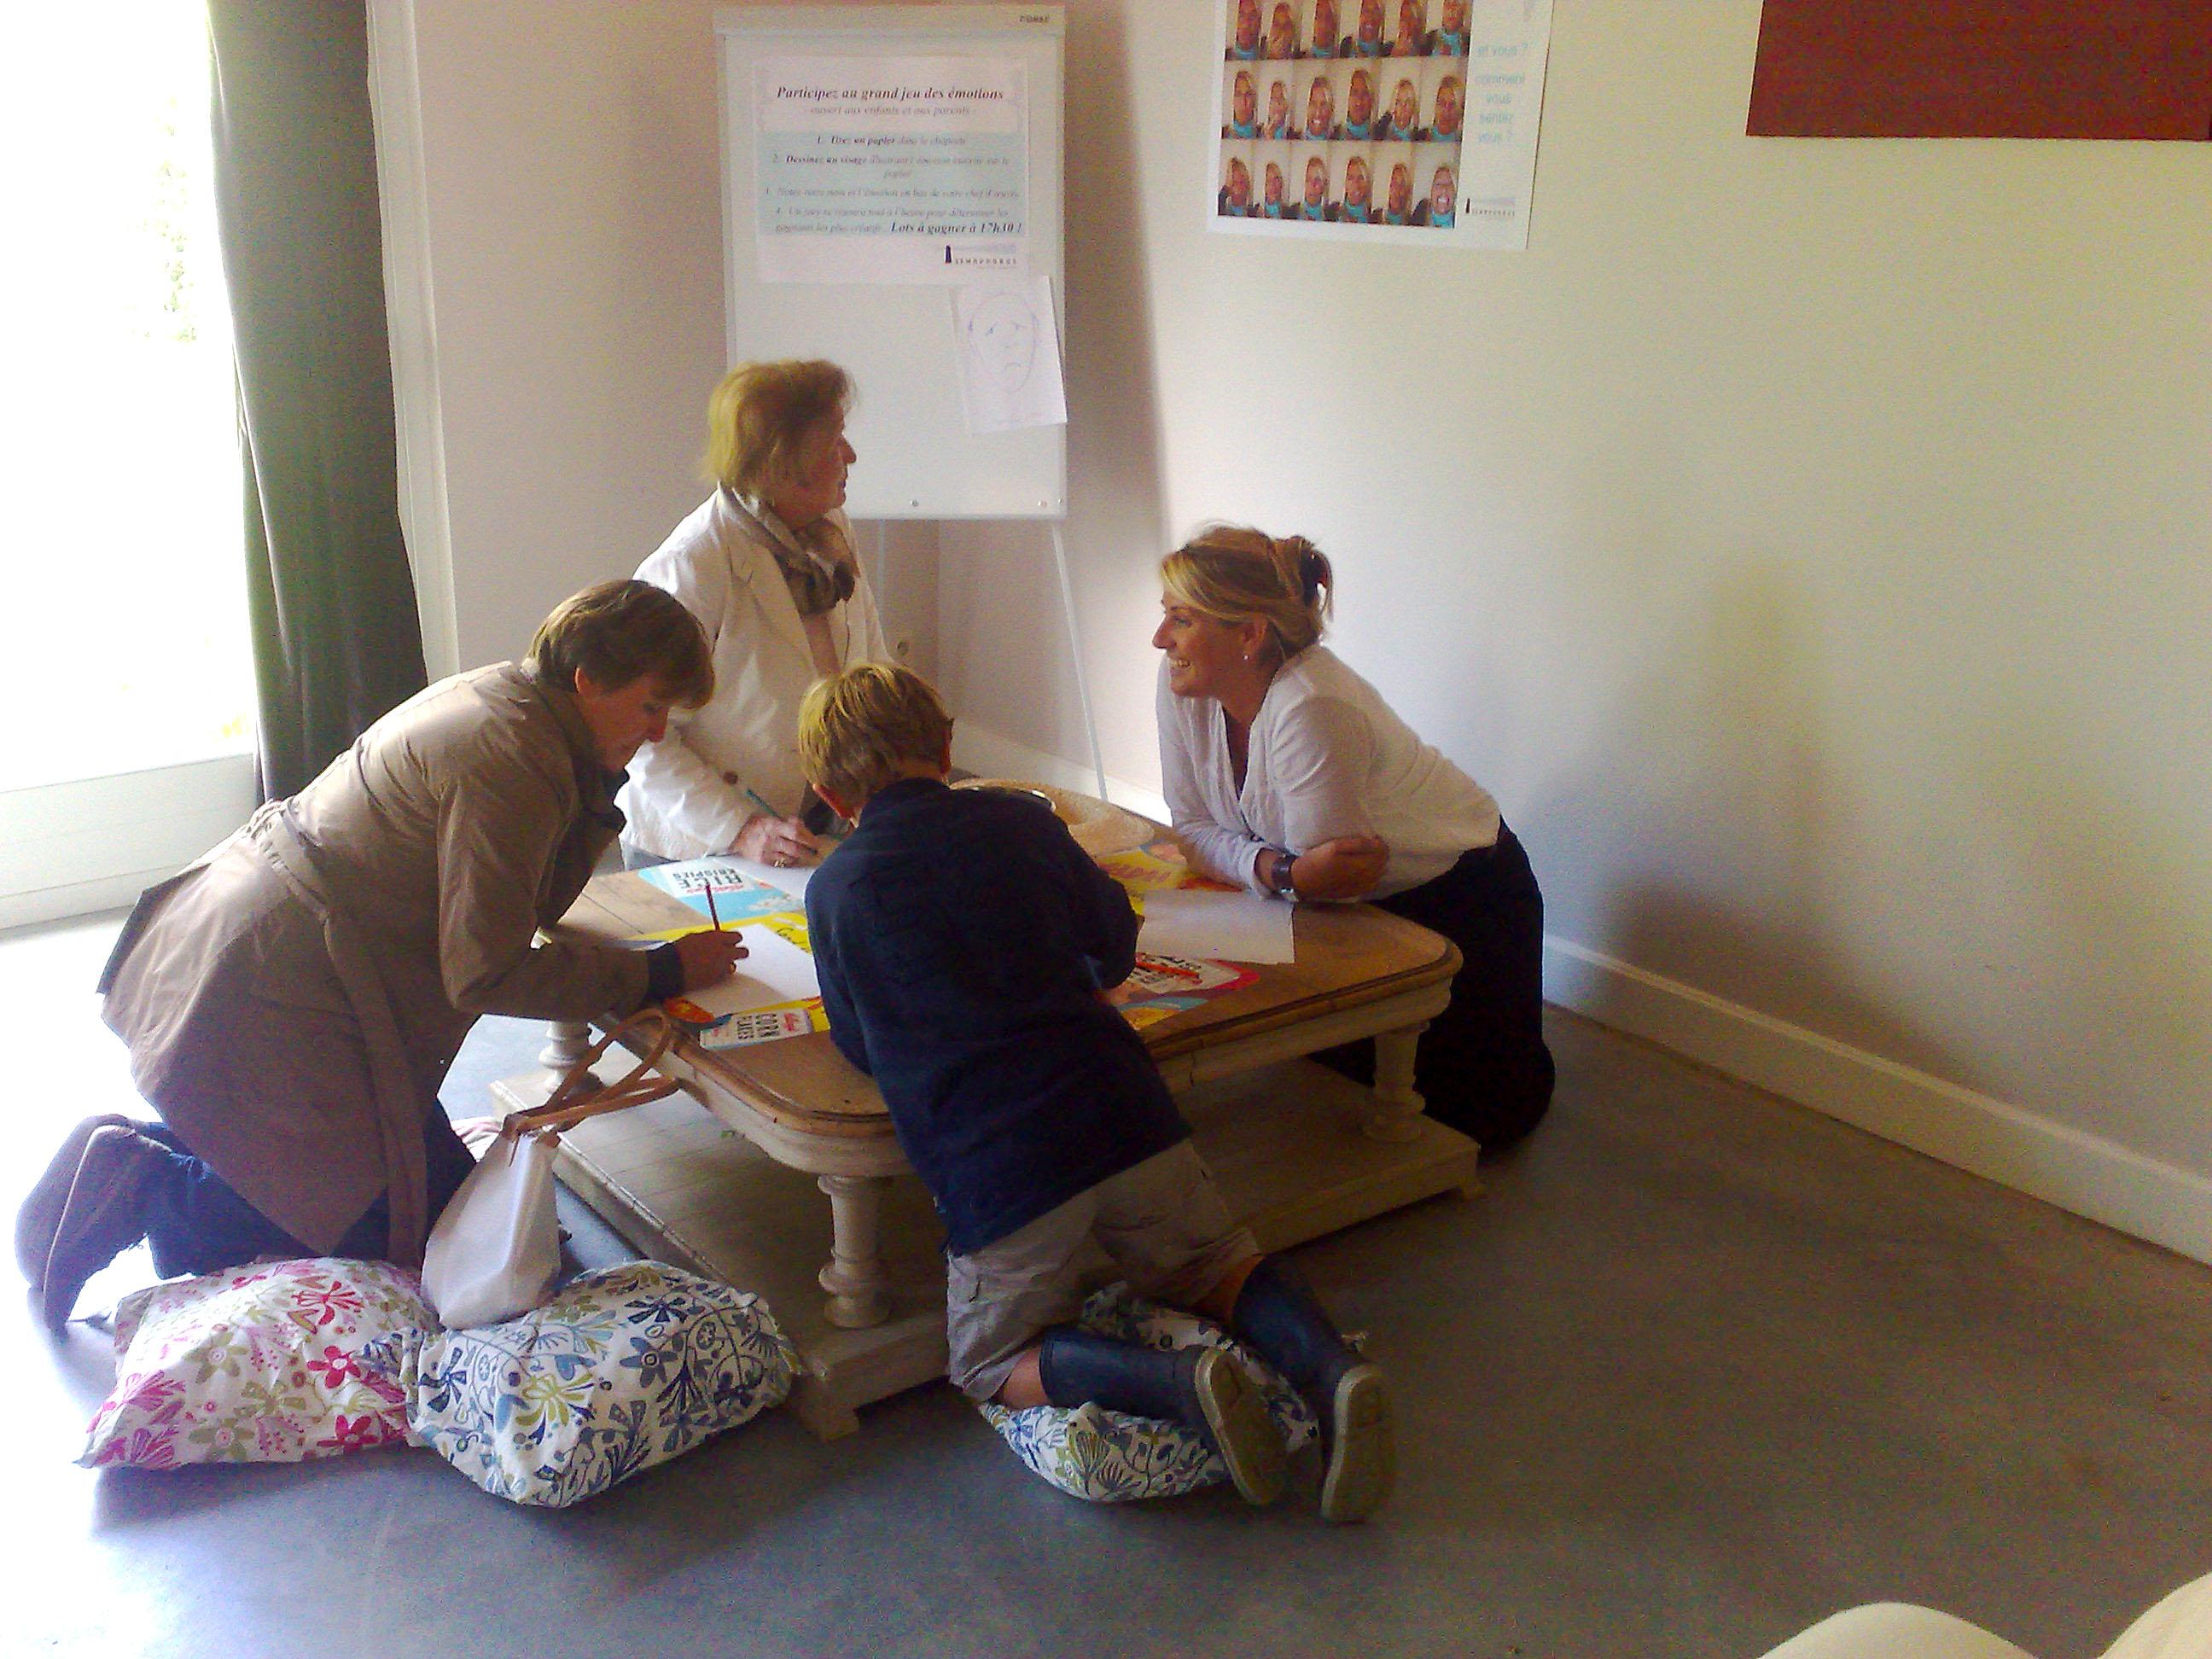 Les ateliers créatifs «faire son bilan de vie en collage, peinture à main et dans la bonne humeur» le mardi de 15H30 à 17H30